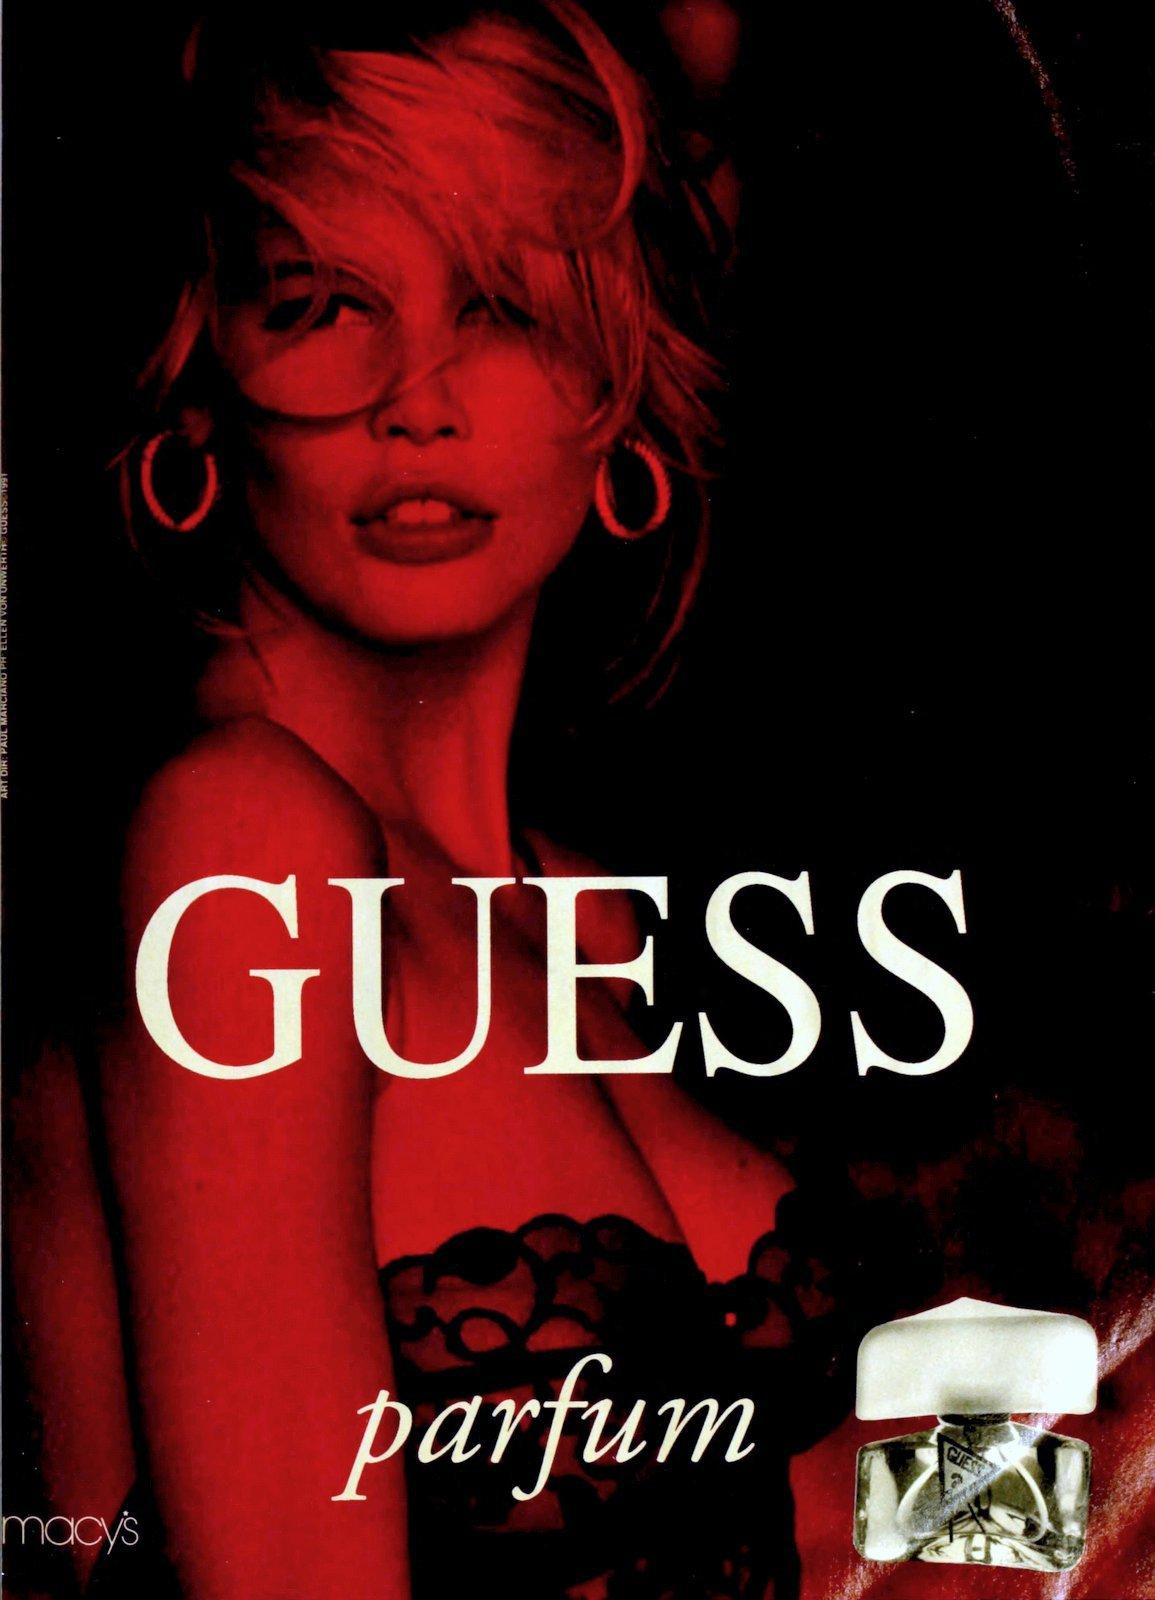 Guess parfum with Claudia Schiffer (1991) at ClickAmericana.com